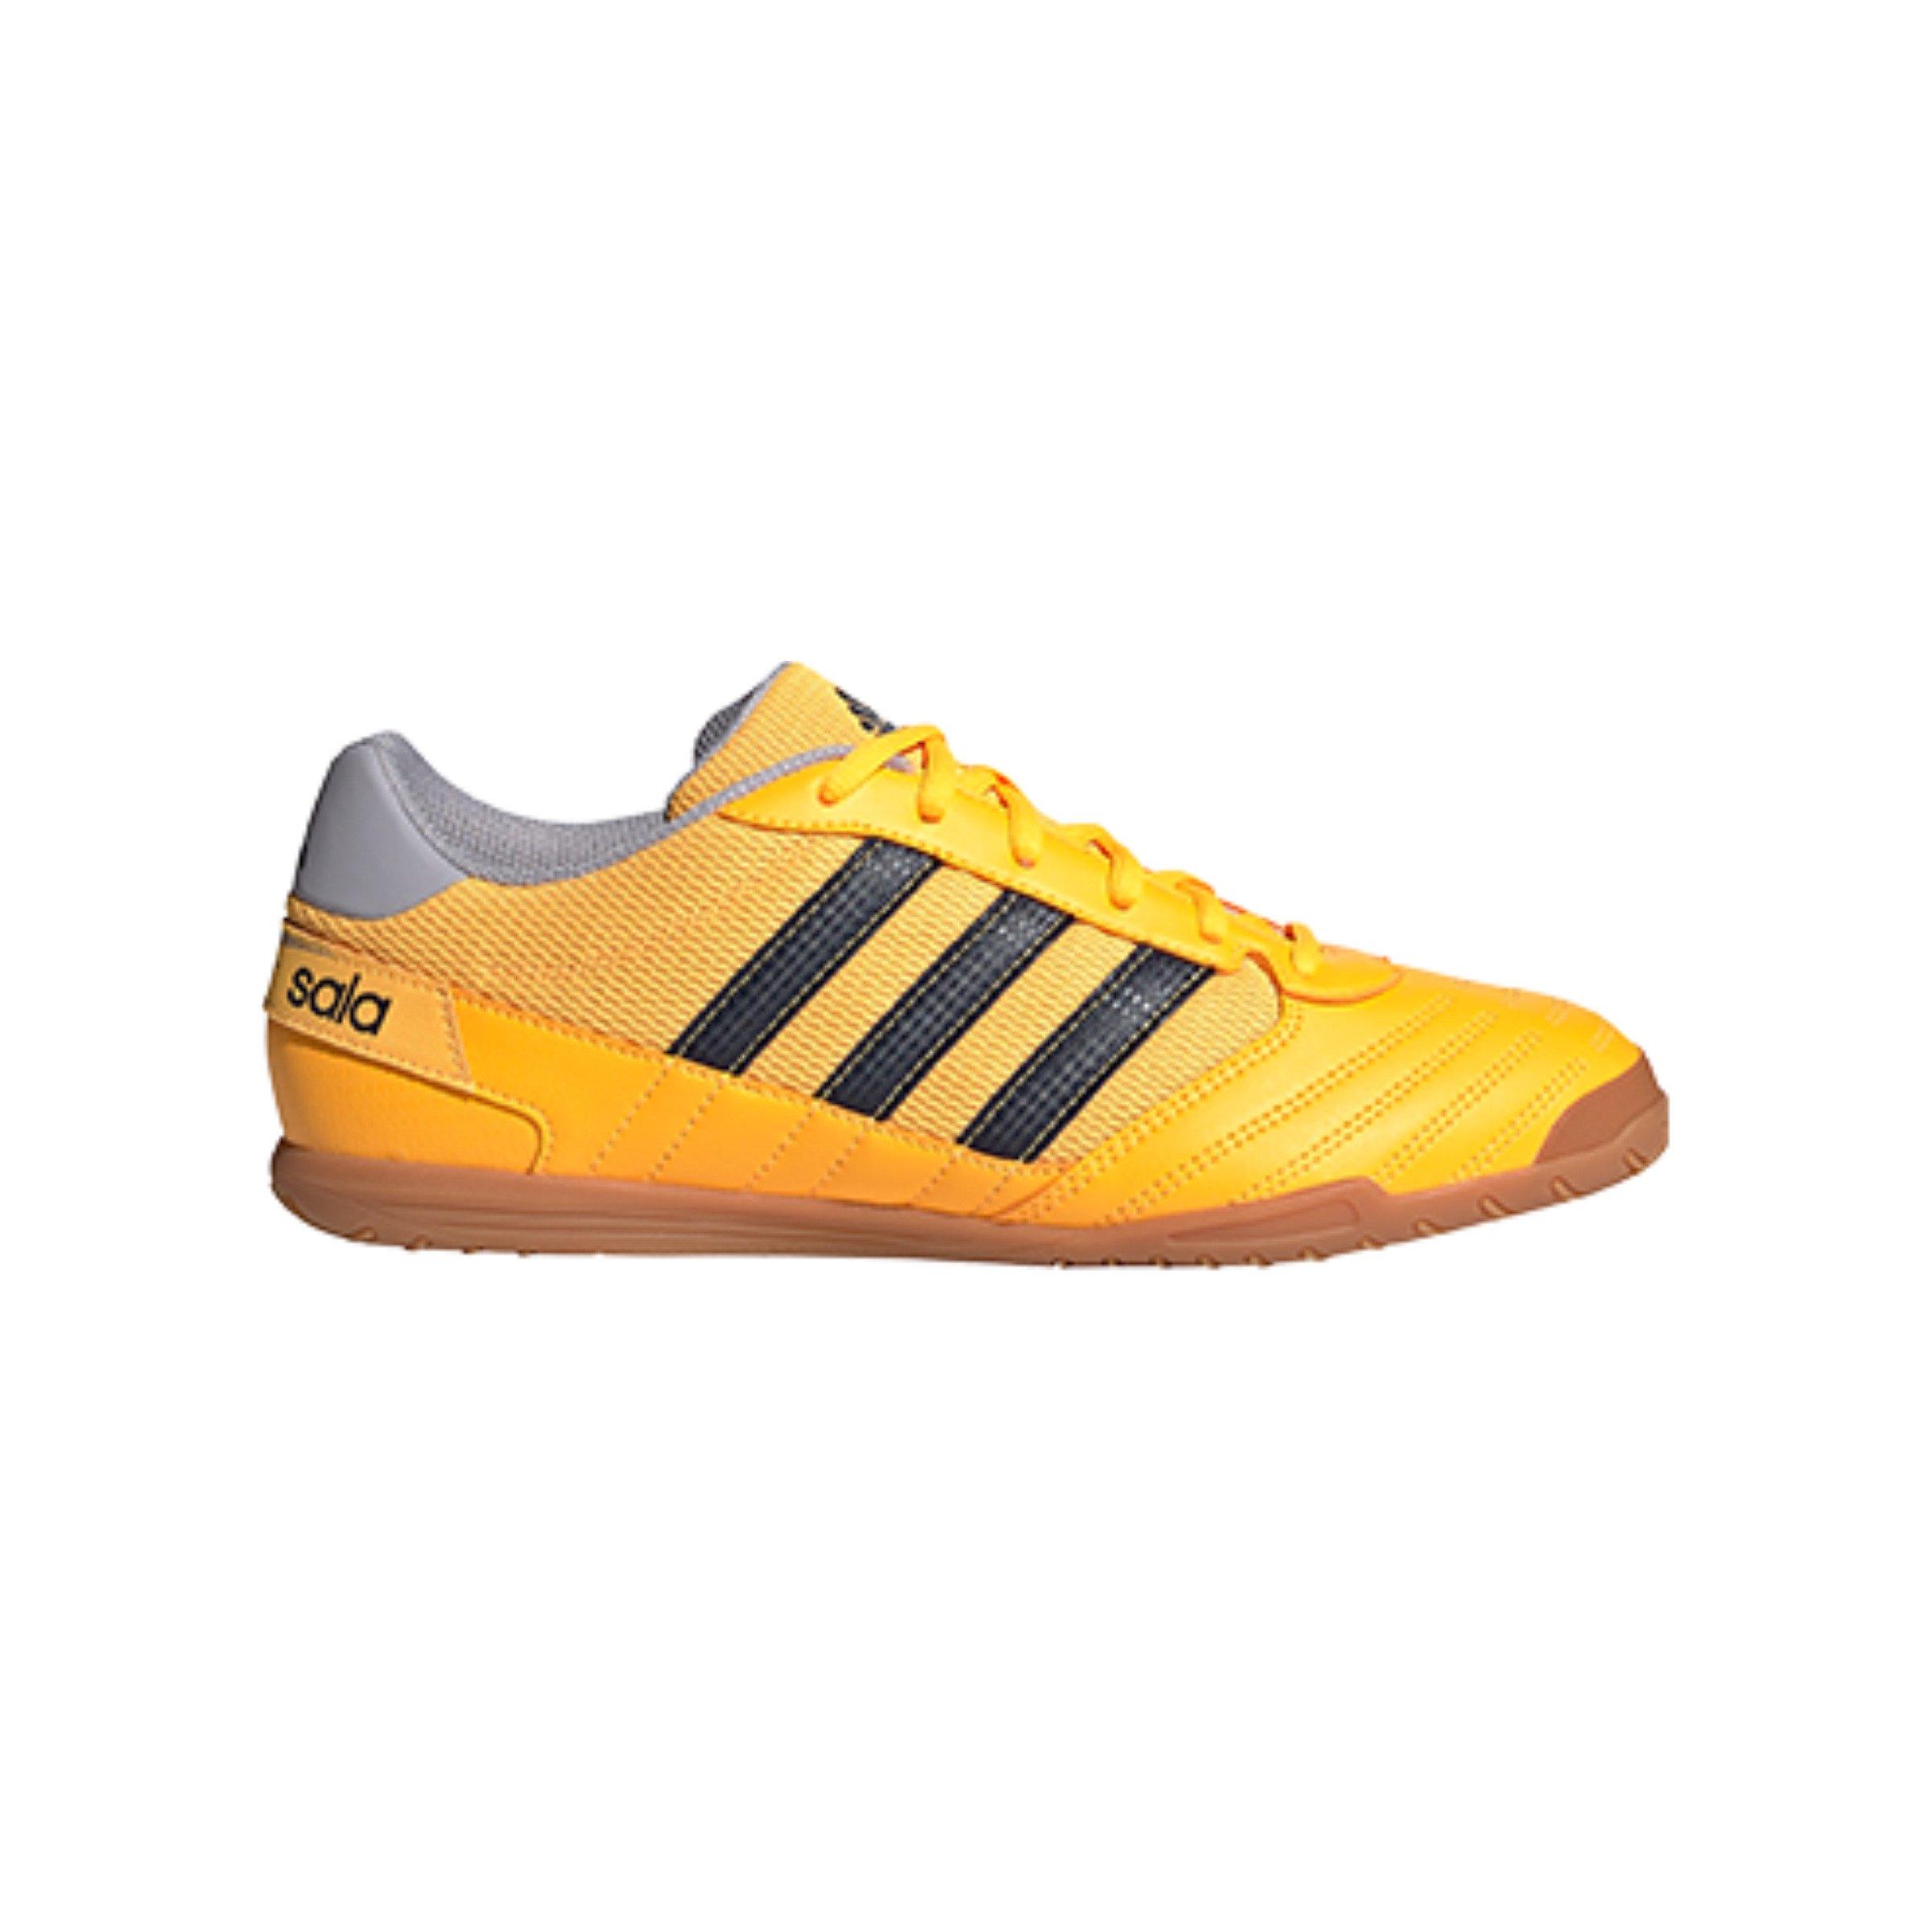 adidas Super Sala IN Halle Gelb Blau Grau - gelb